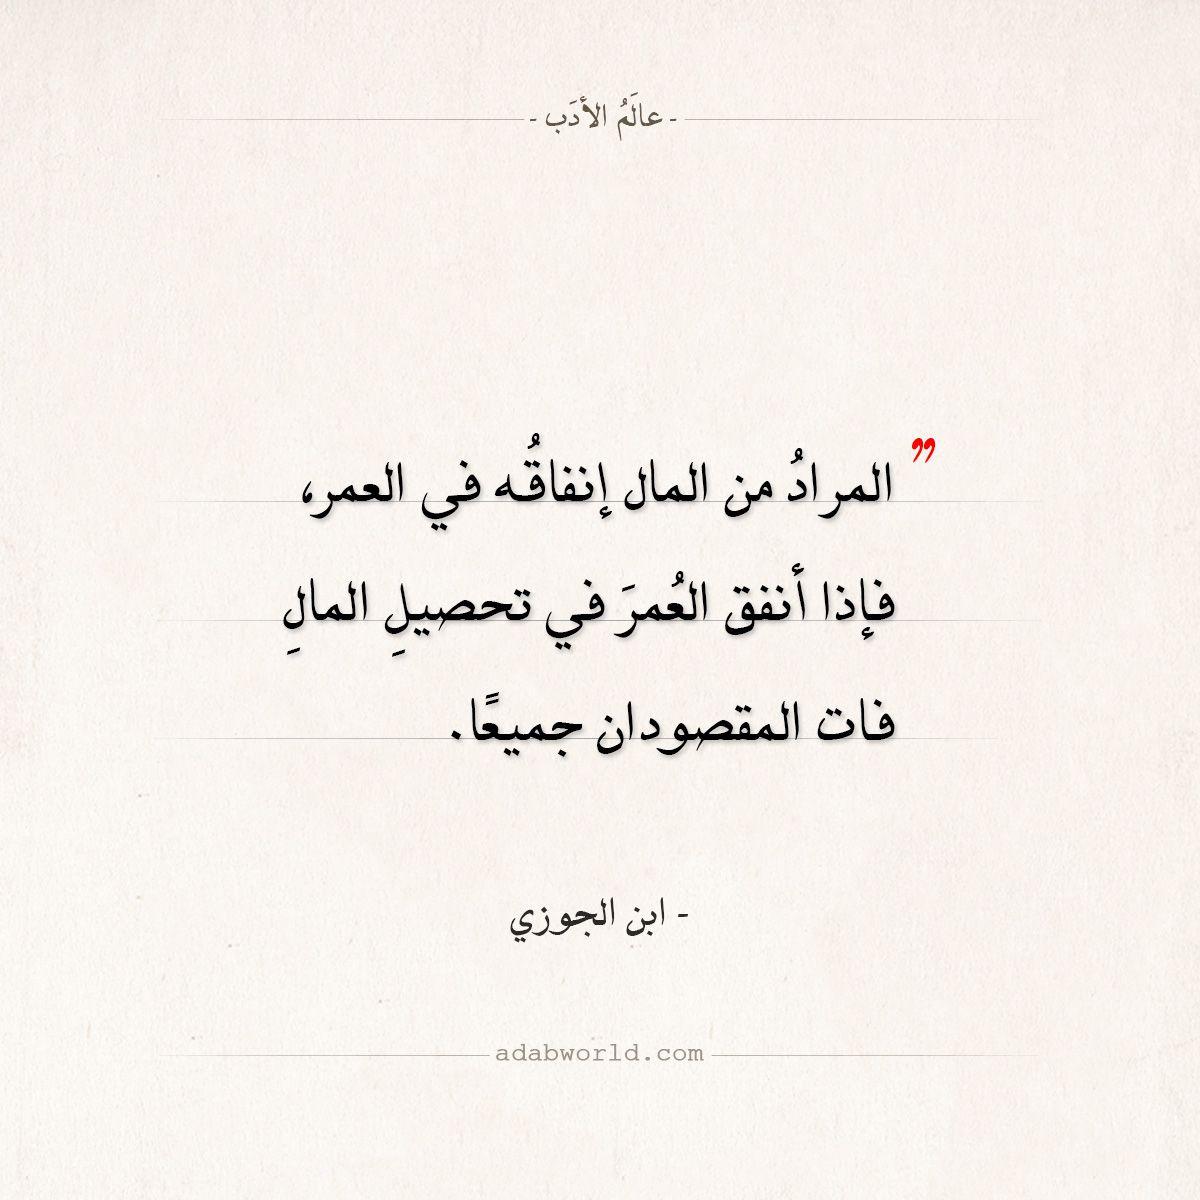 اقتباسات ابن الجوزي إنفاق العمر في تحصيل المال عالم الأدب Quotations Quotes Arabic Quotes